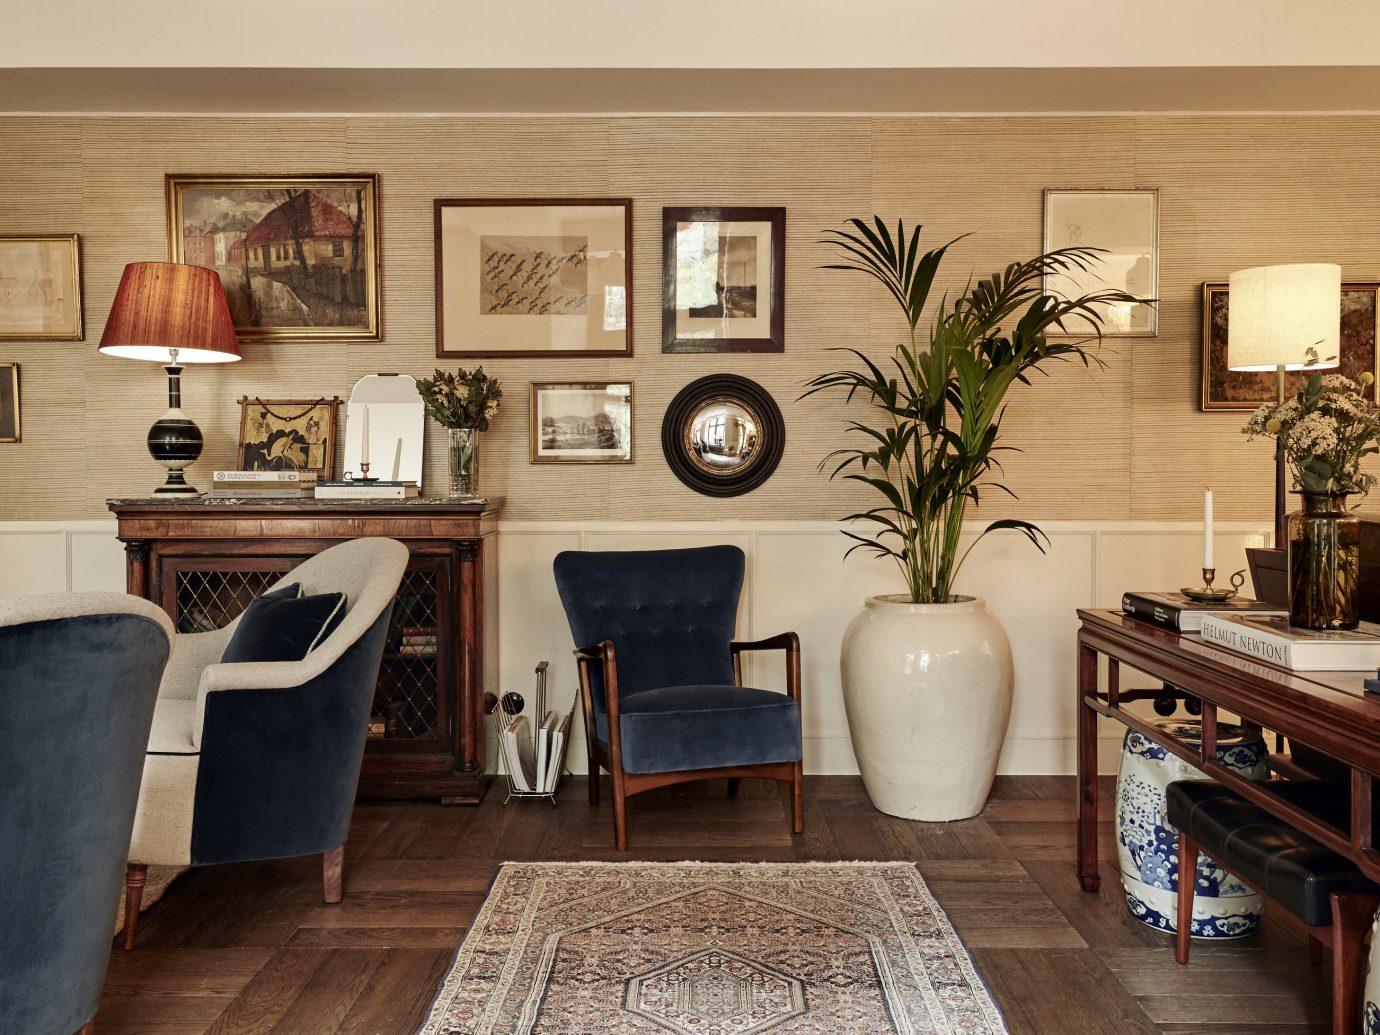 lounge in Hotel Sanders in Copenhagen